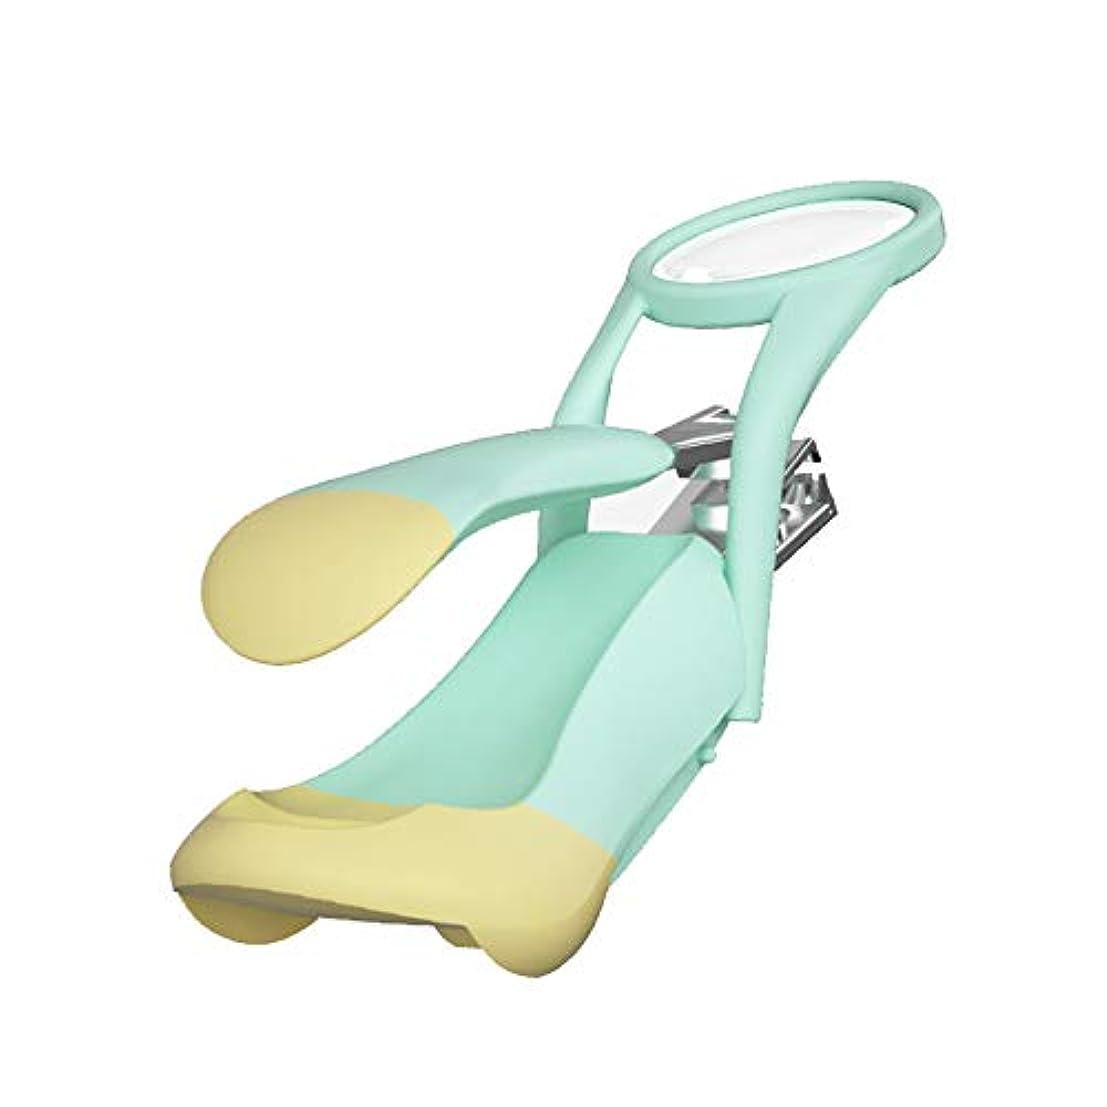 忘れるキャベツだますネイルニッパー, 爪クリッパー老人とベビーセーフネイルケアデラックスネイルクリッパー拡大鏡付き 厚くまたは陥入した足指の爪用 (色 : 緑)